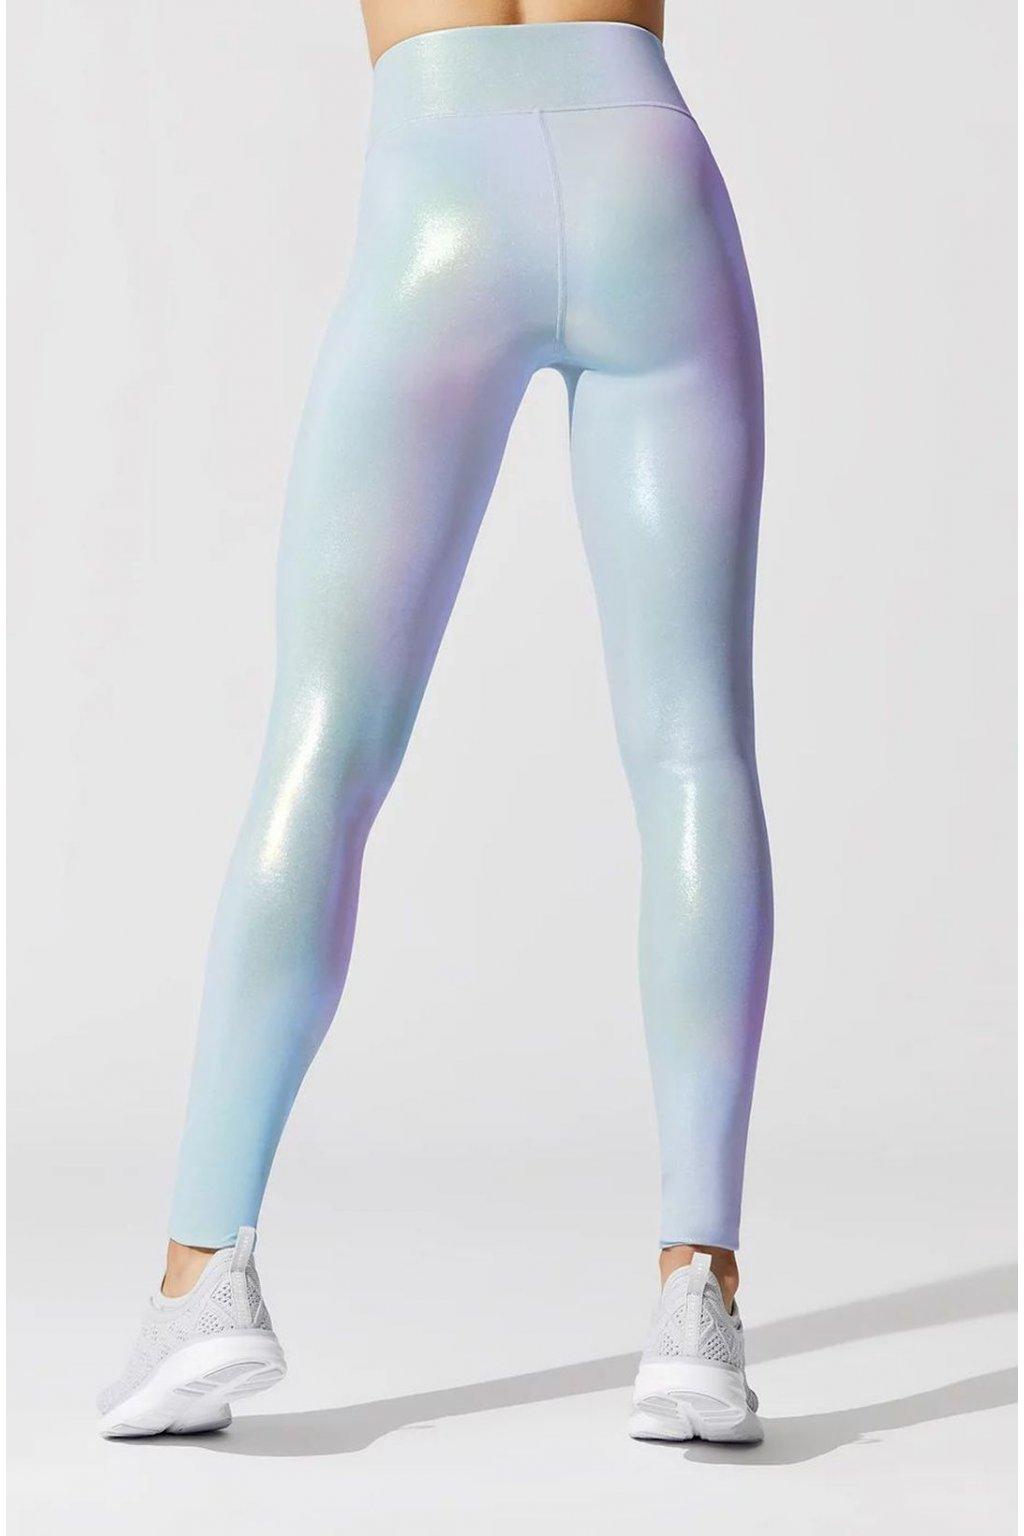 carbon38 luminous legging bottoms ice 0245 1